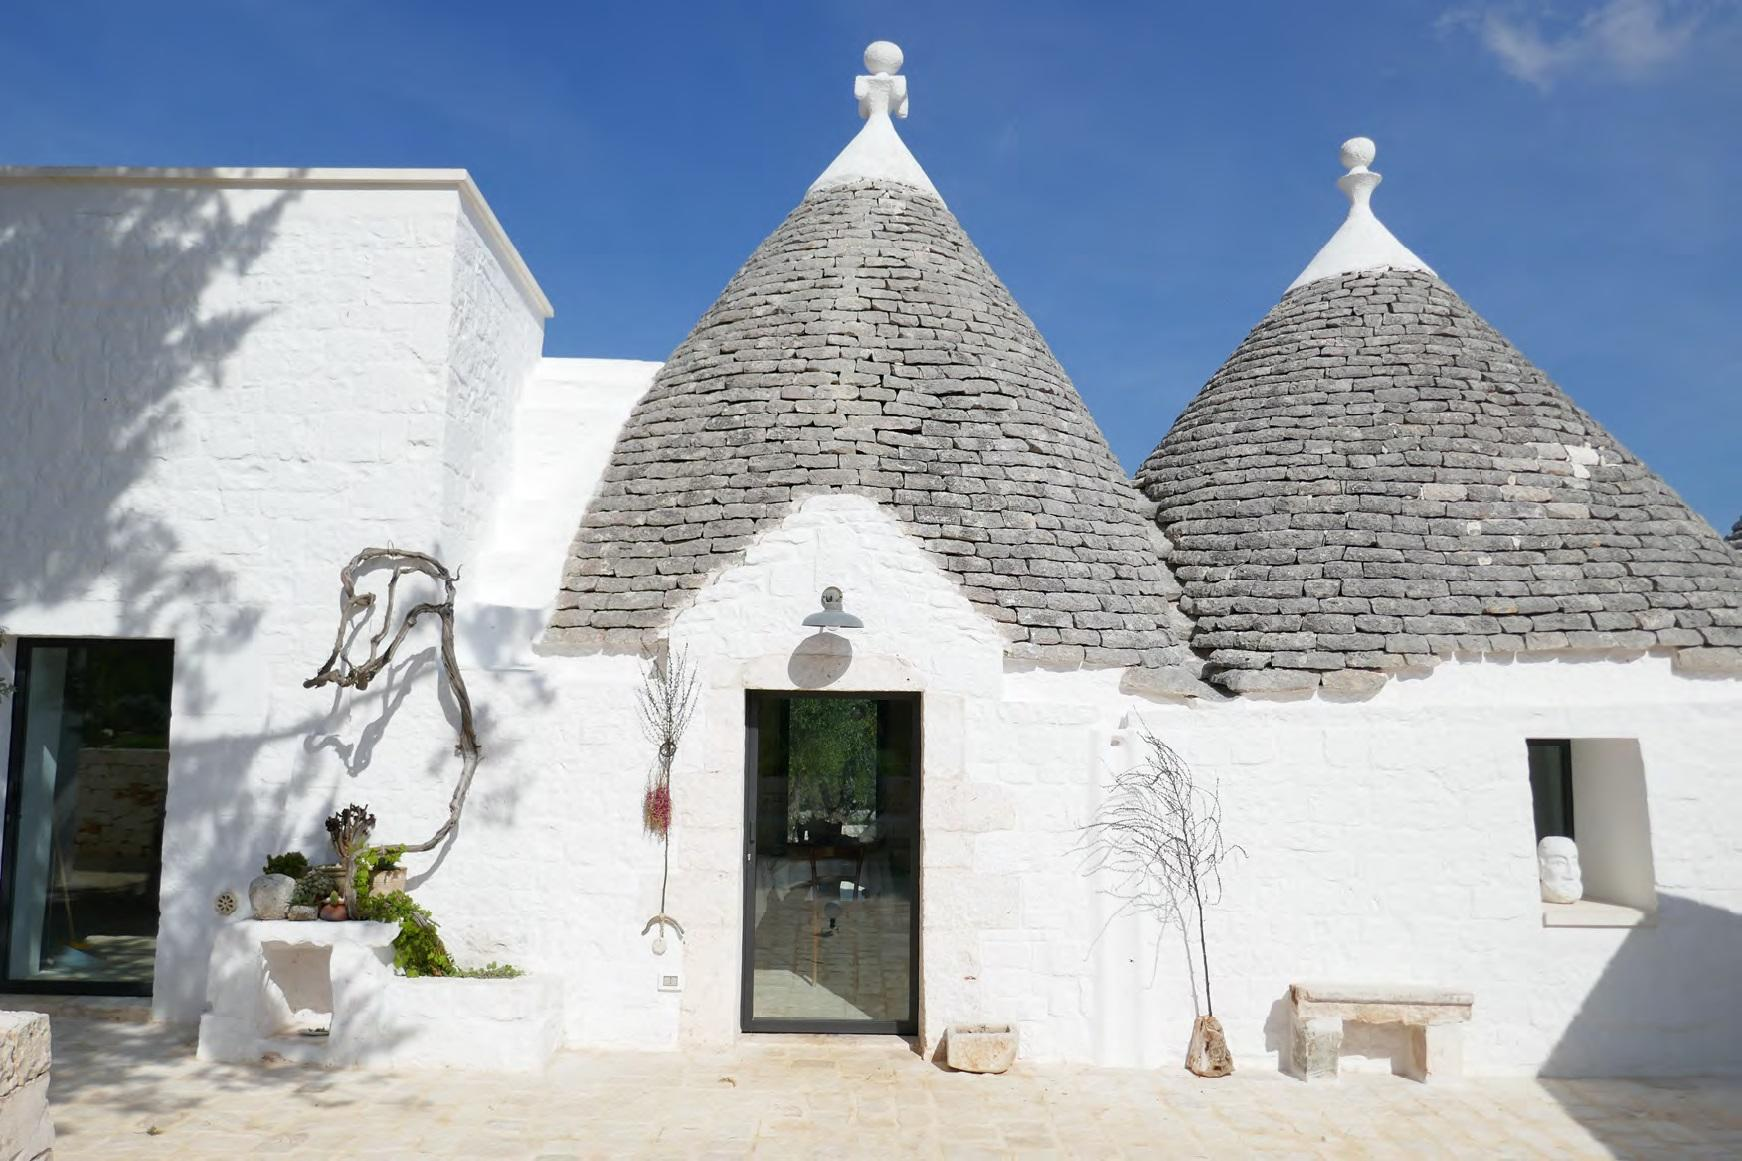 建築・環境学部主催 国際シンポジウム -- 南イタリア石造ドームの伝統的建築''トゥルッリ'' の再生 -- を開催します。12月19日(木)、横浜・金沢八景キャンパス